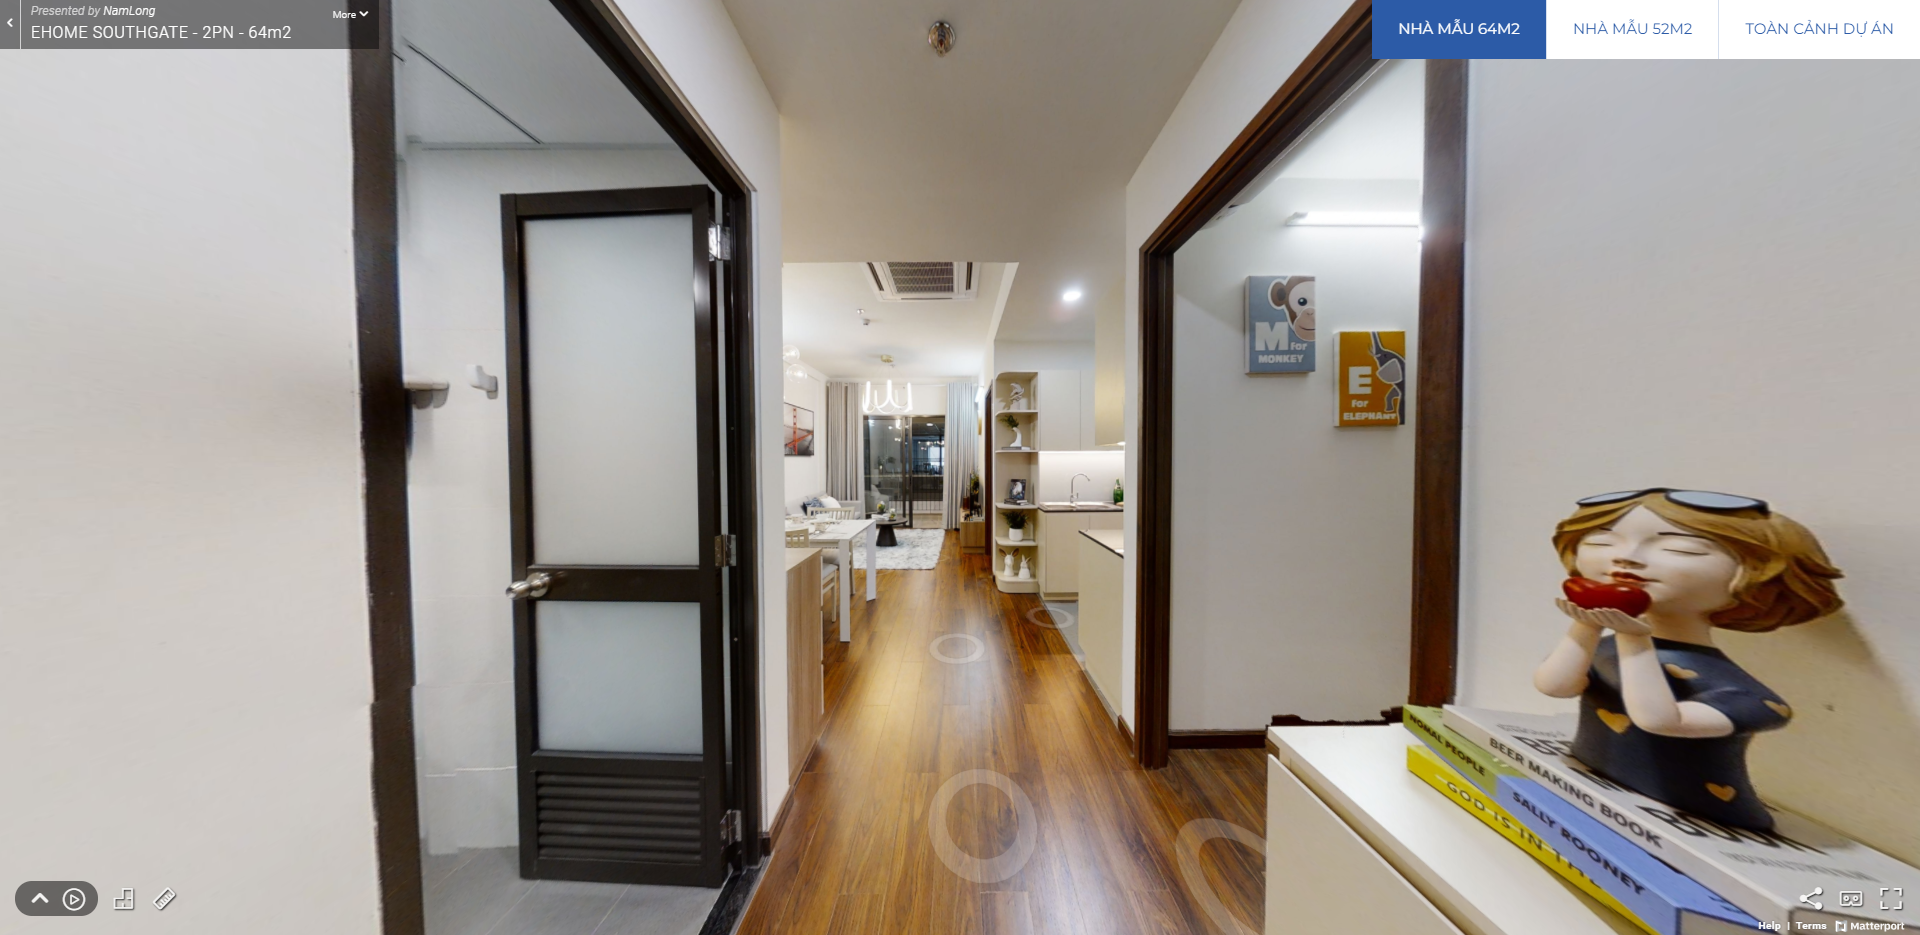 Nhà mẫu căn hộ Ehome Waterpoint Nam Long 64m2